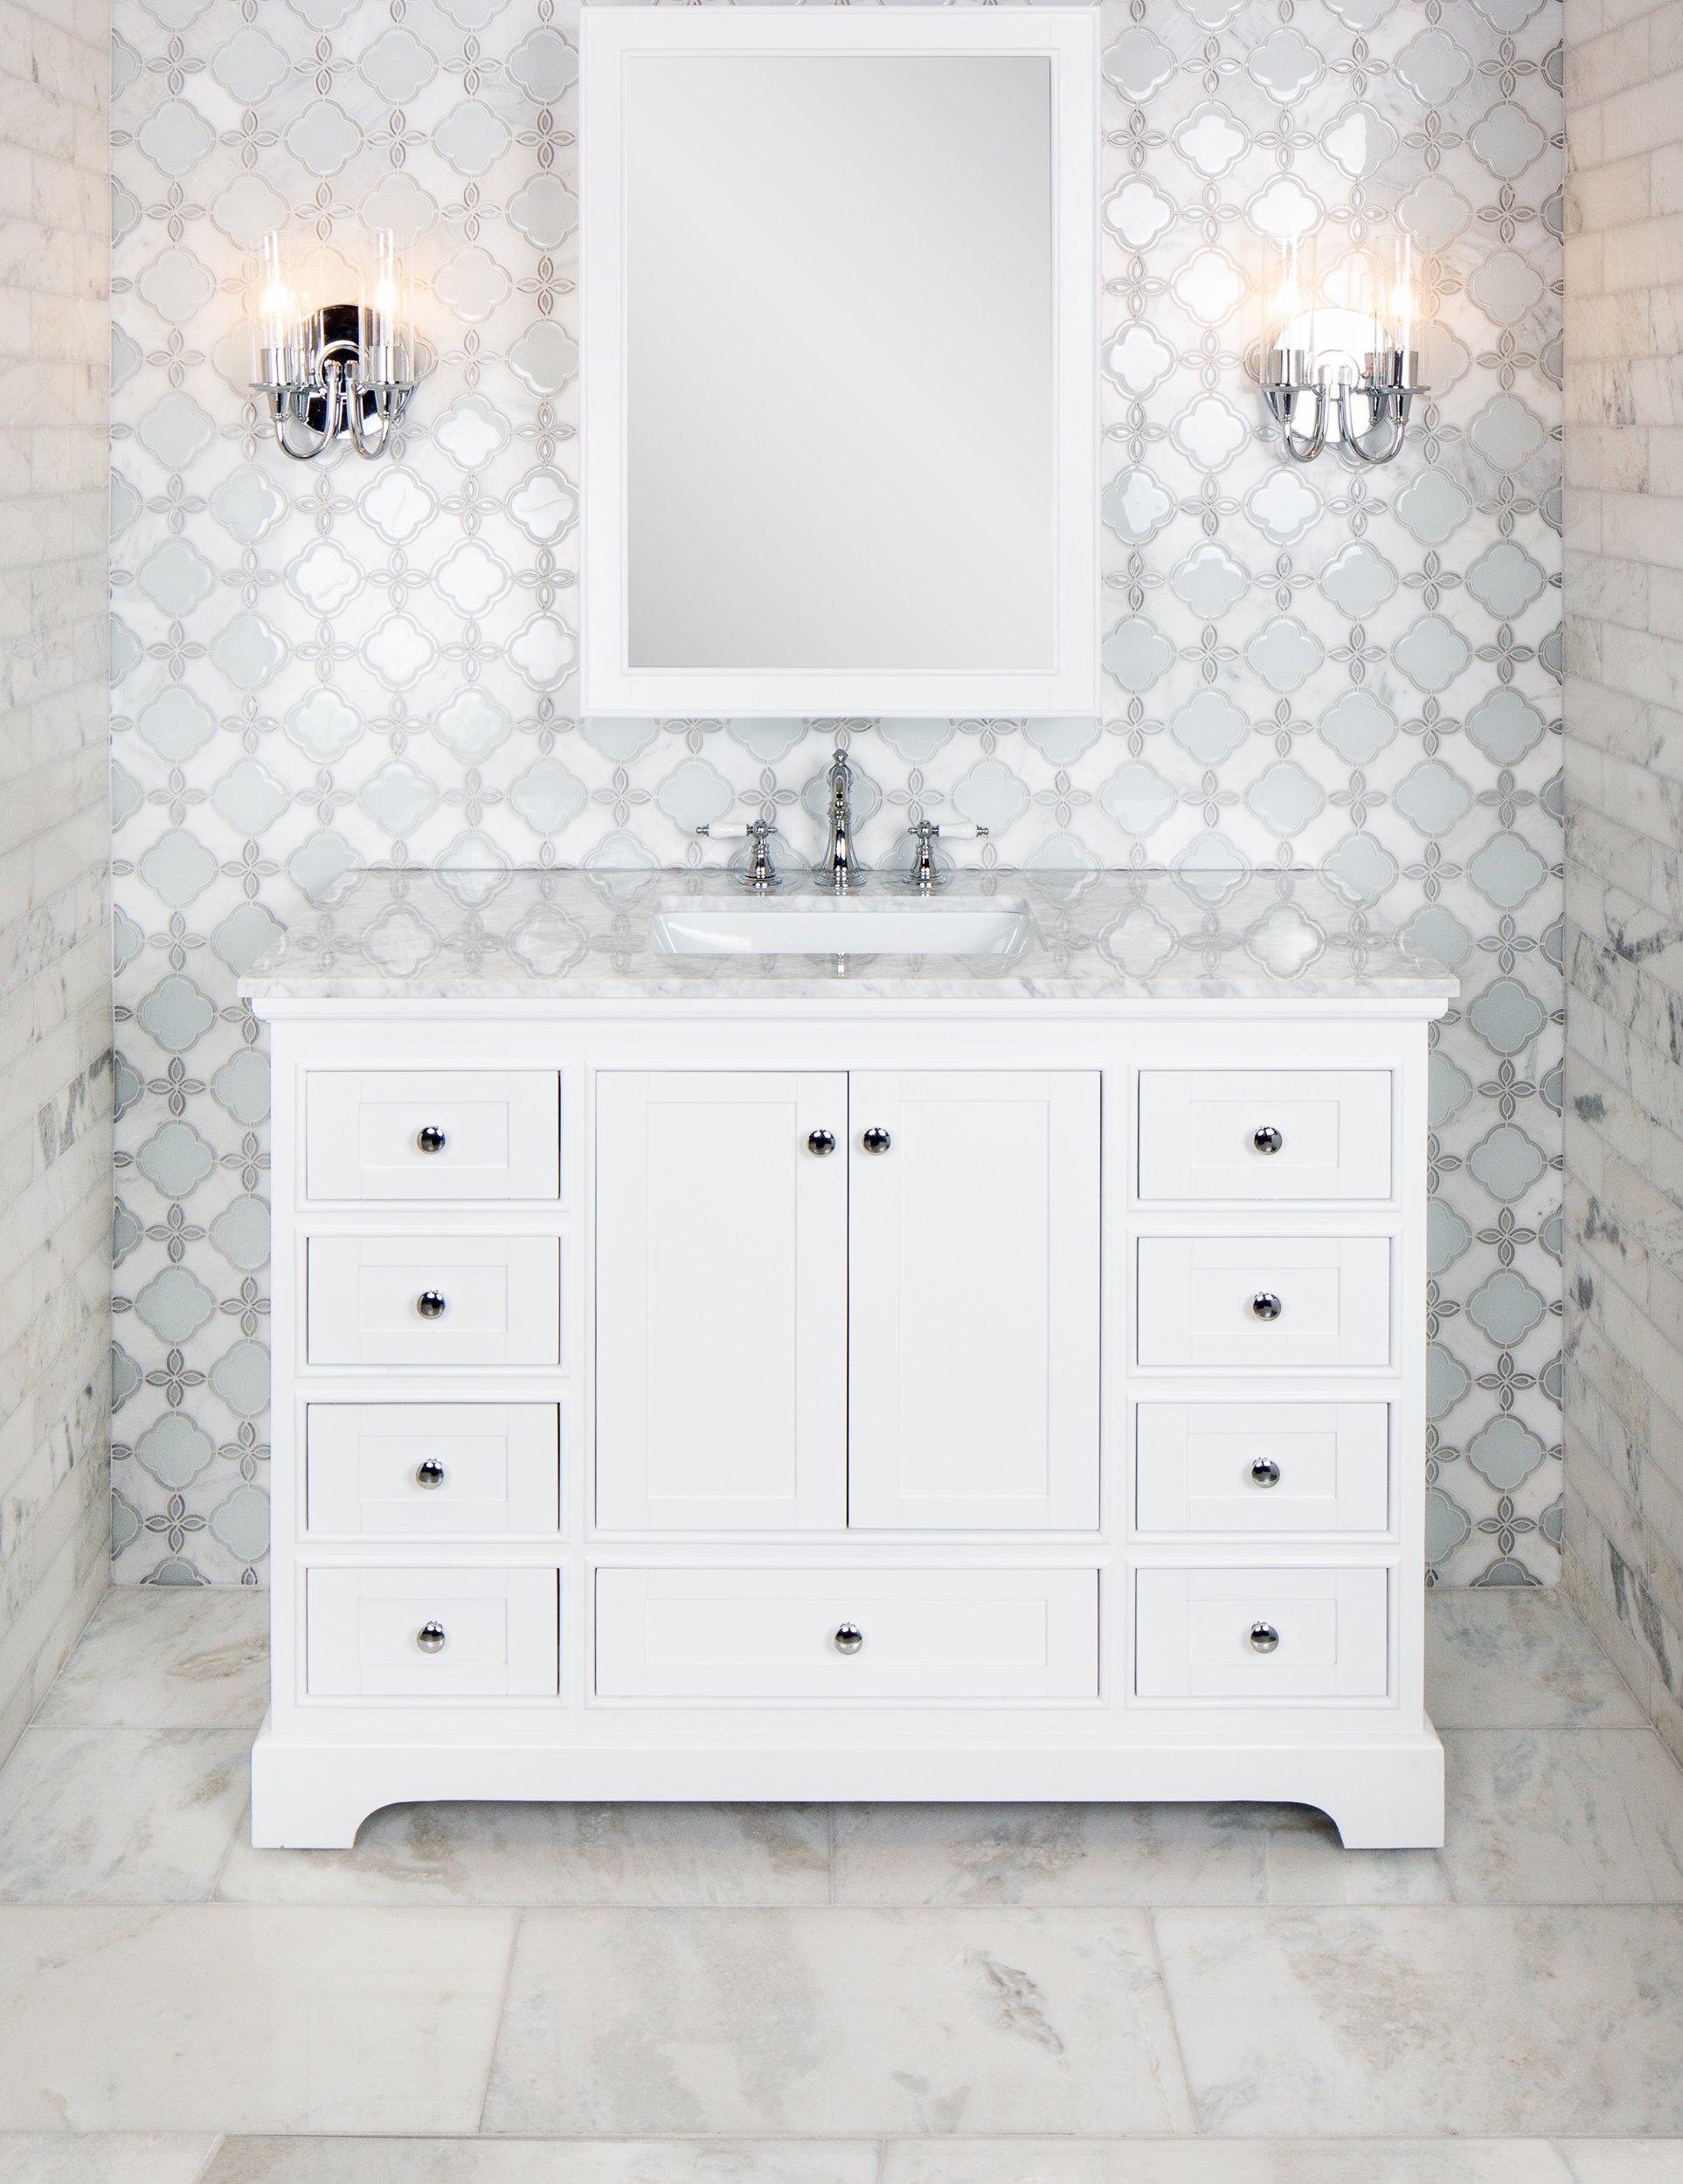 Sahara Carrara Marble Tile 12 X 24 921100673 Floor And Decor